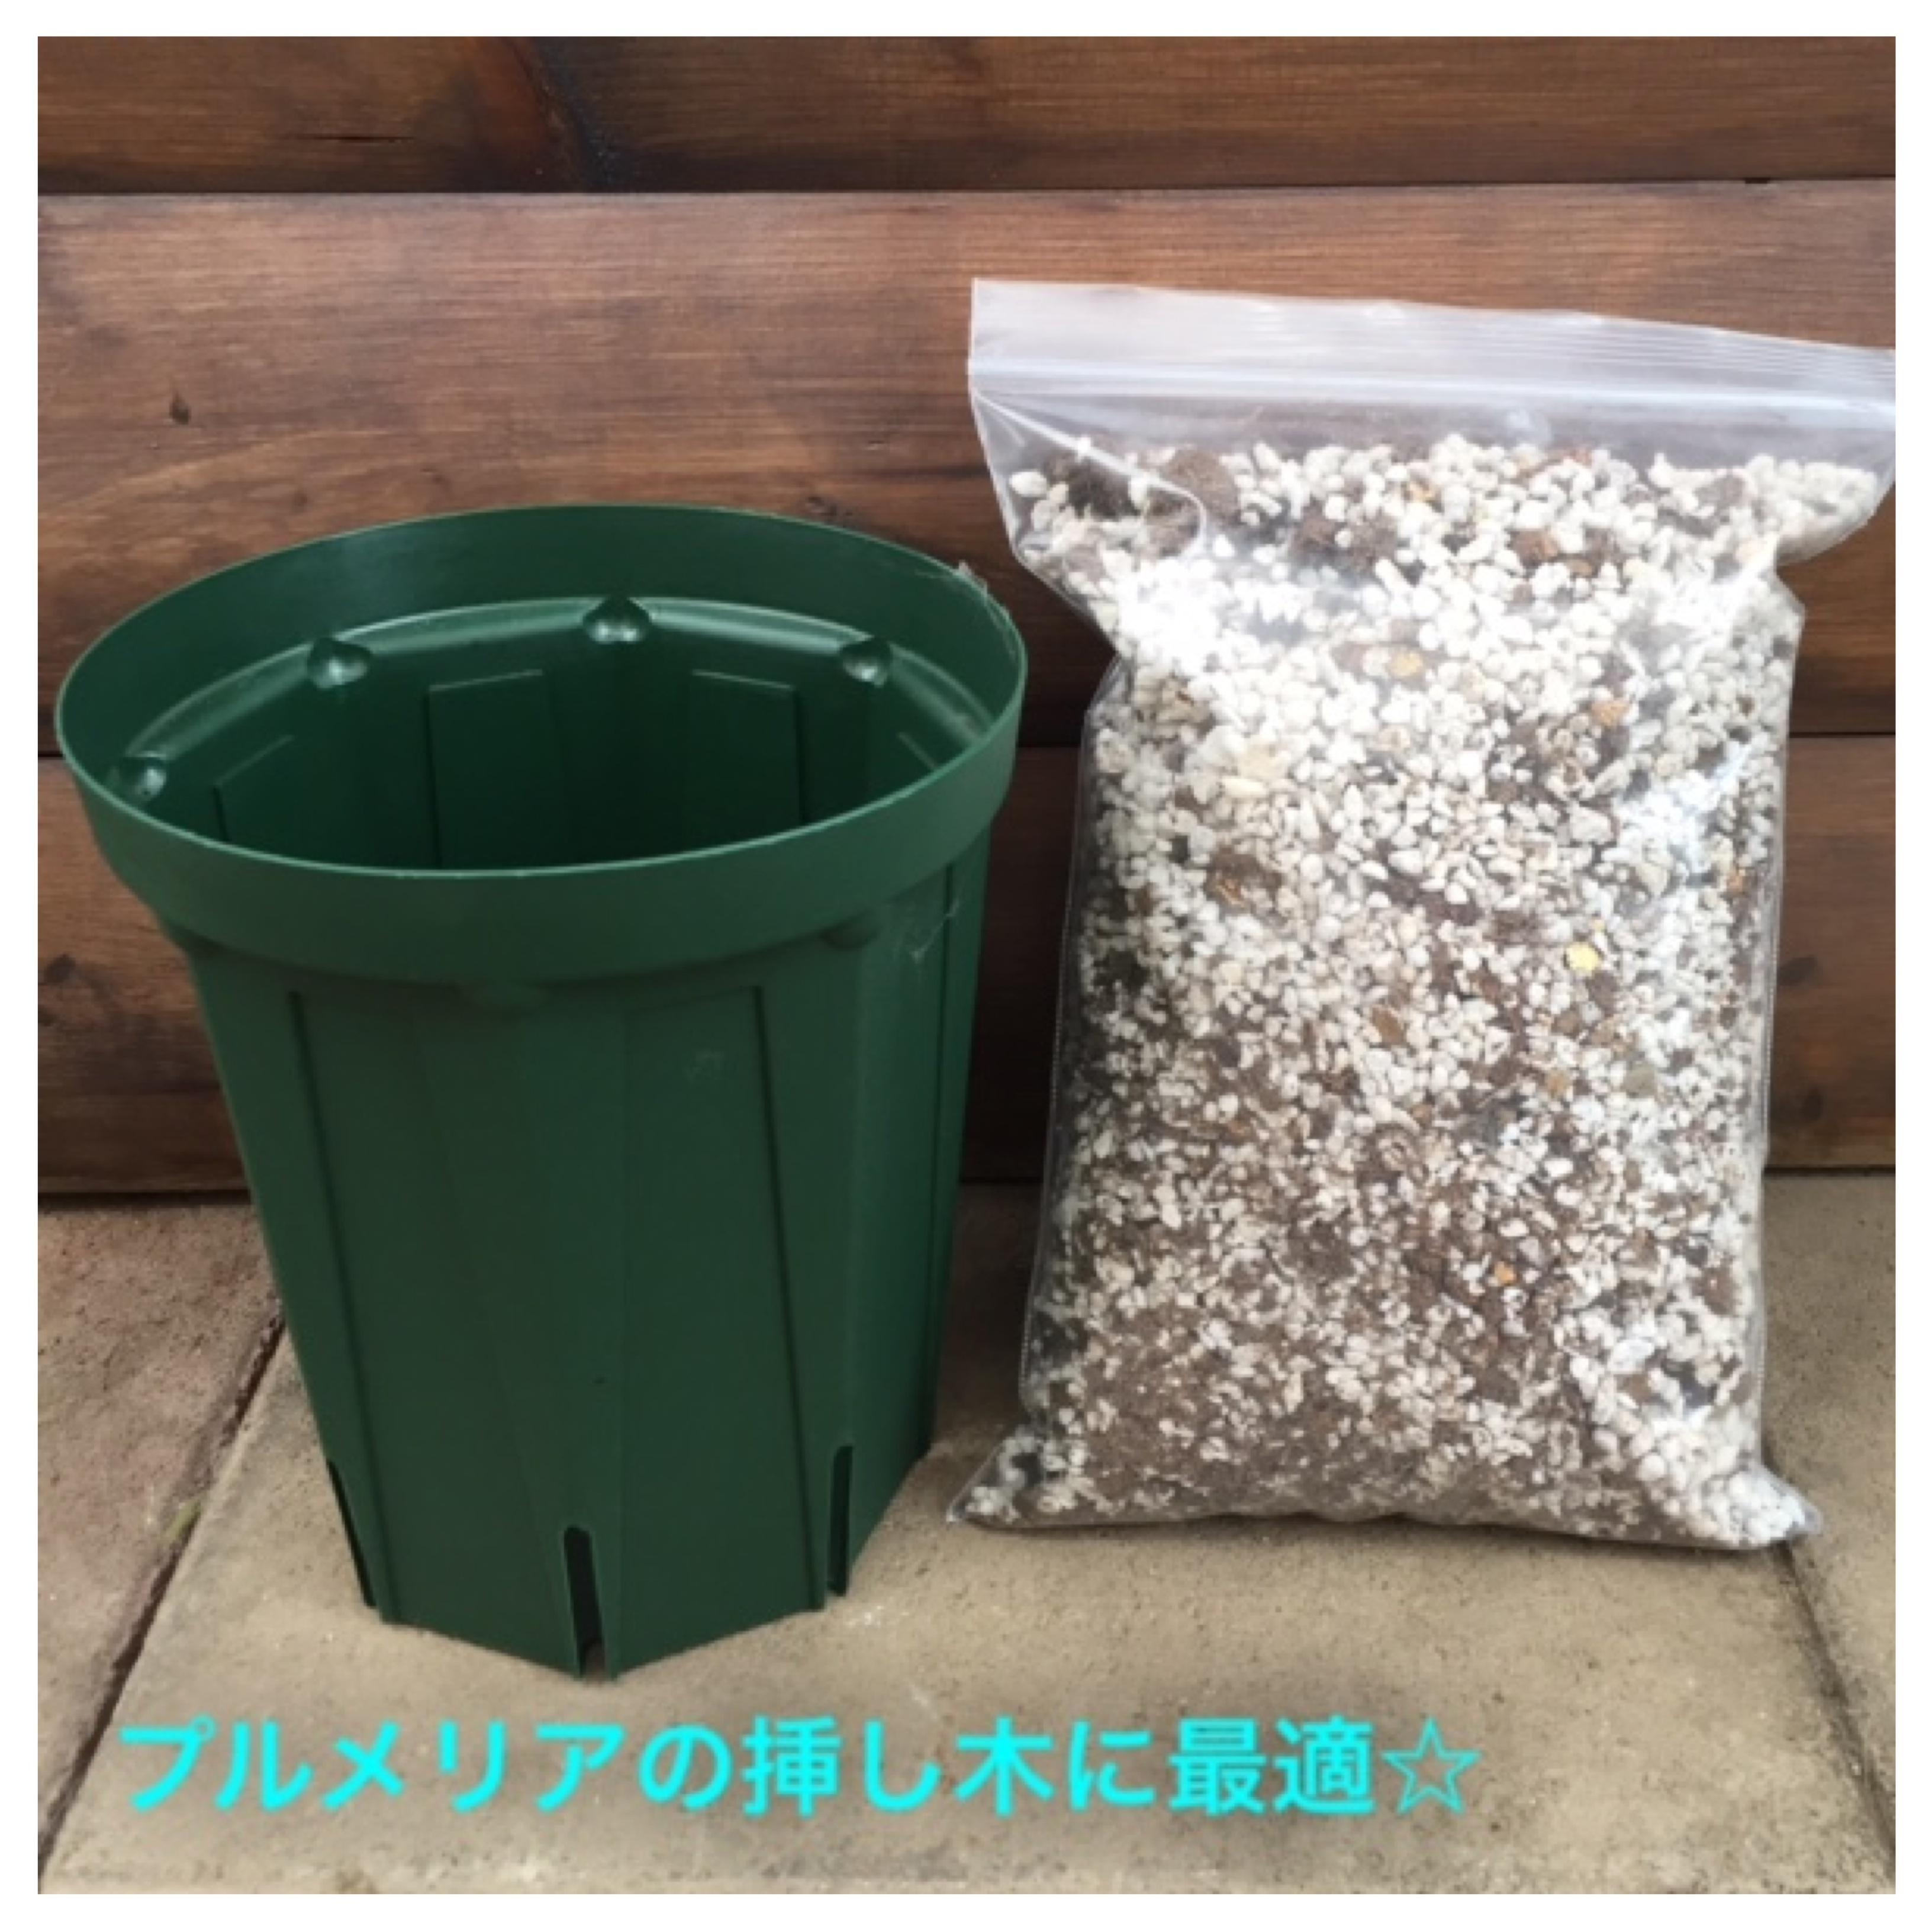 プルメリア専用培養土とスリット鉢のセット(4号ロングスリッド鉢)